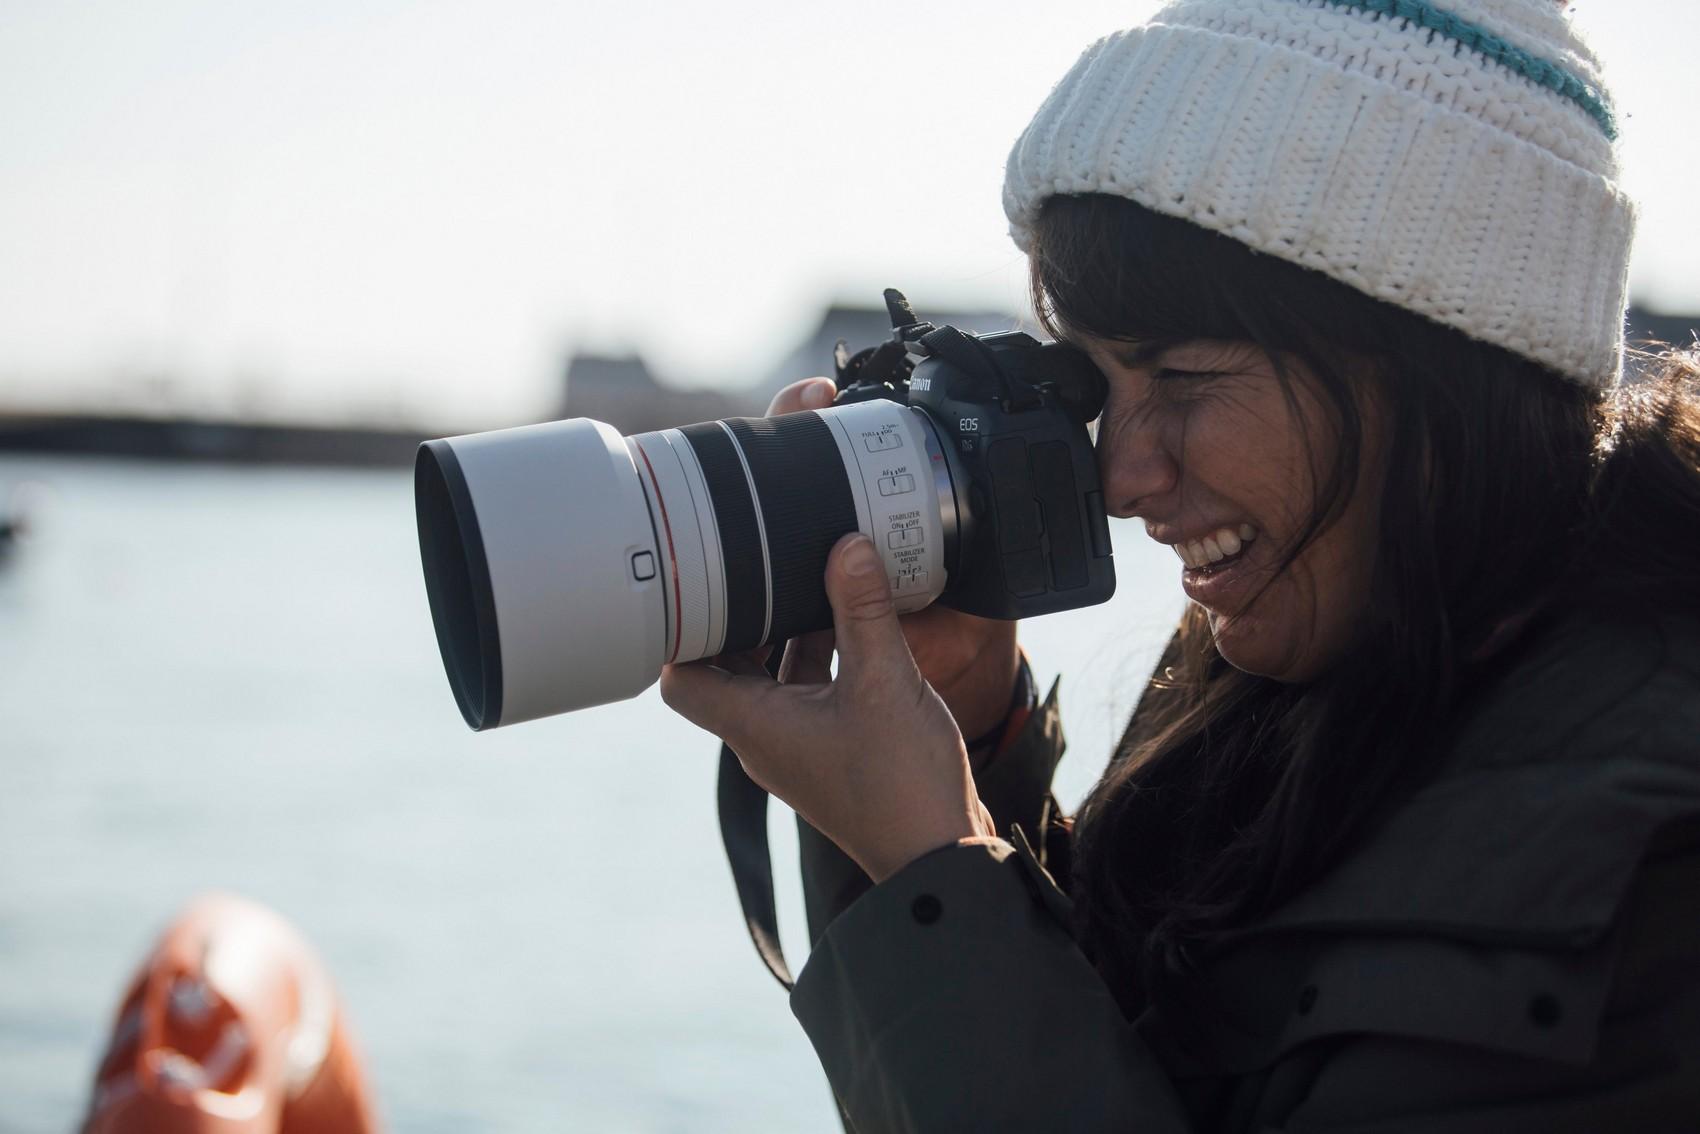 Das Canon RF 70-200 mm F4L IS USM eignet sich für eine Vielzahl von Genres – von Wildlife- über Sport- bis hin zur Reise- und Porträtfotografie. (c) Canon